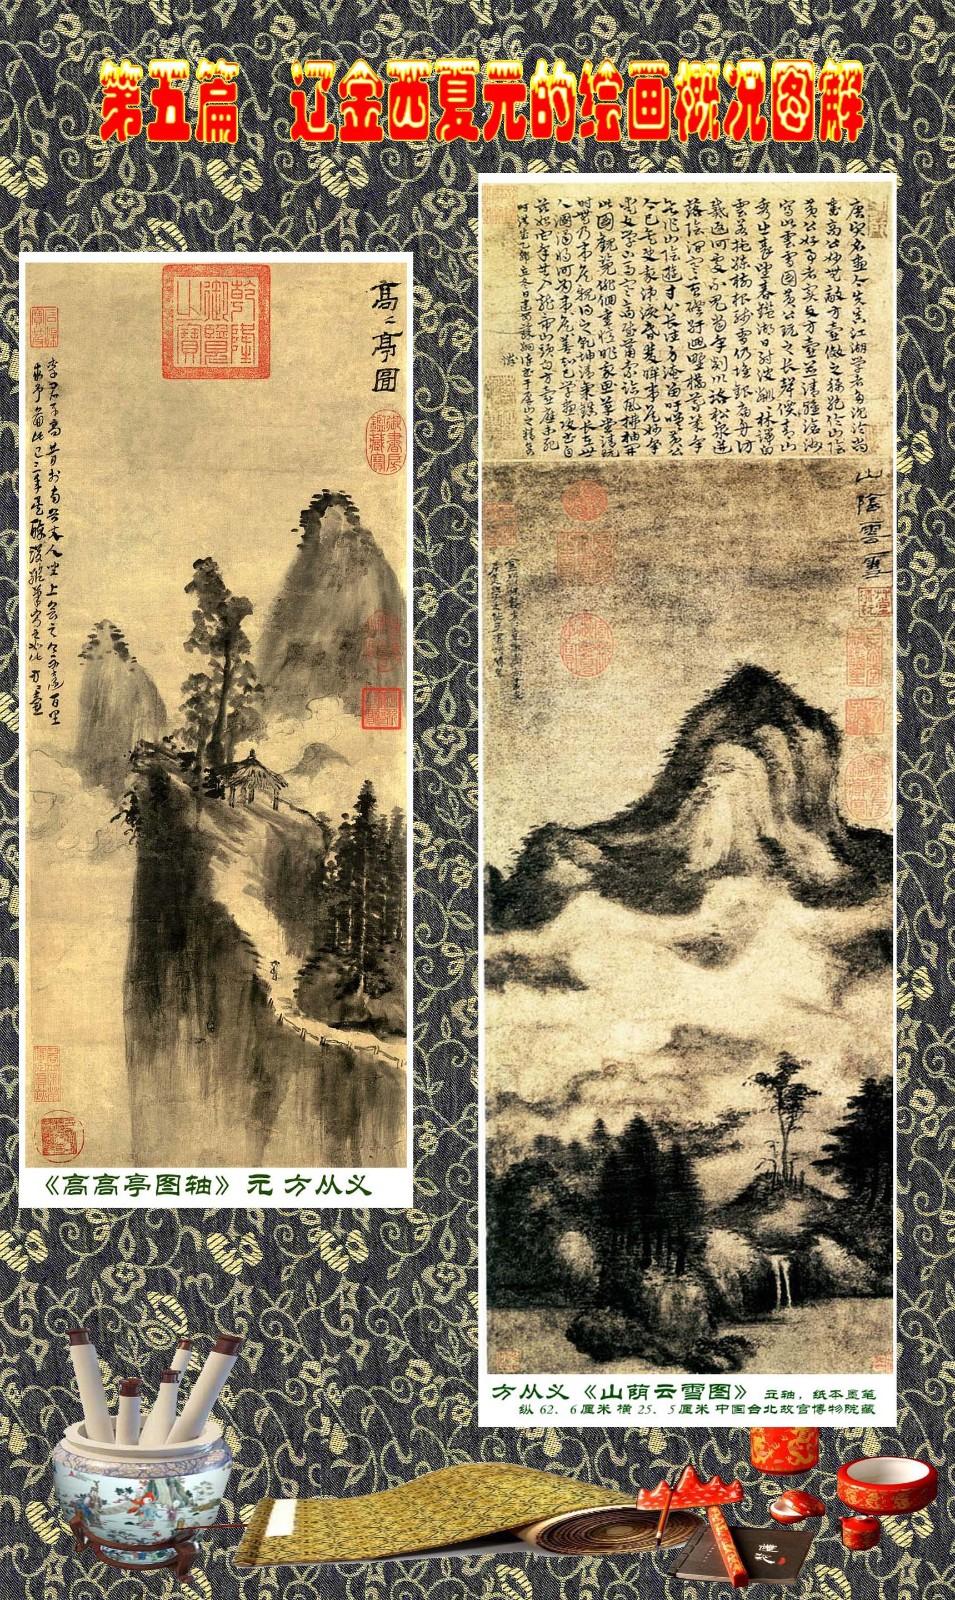 顾绍骅编辑 中国画知识普及版 第五篇 辽金西夏元的绘画概况 下 ... ..._图1-43